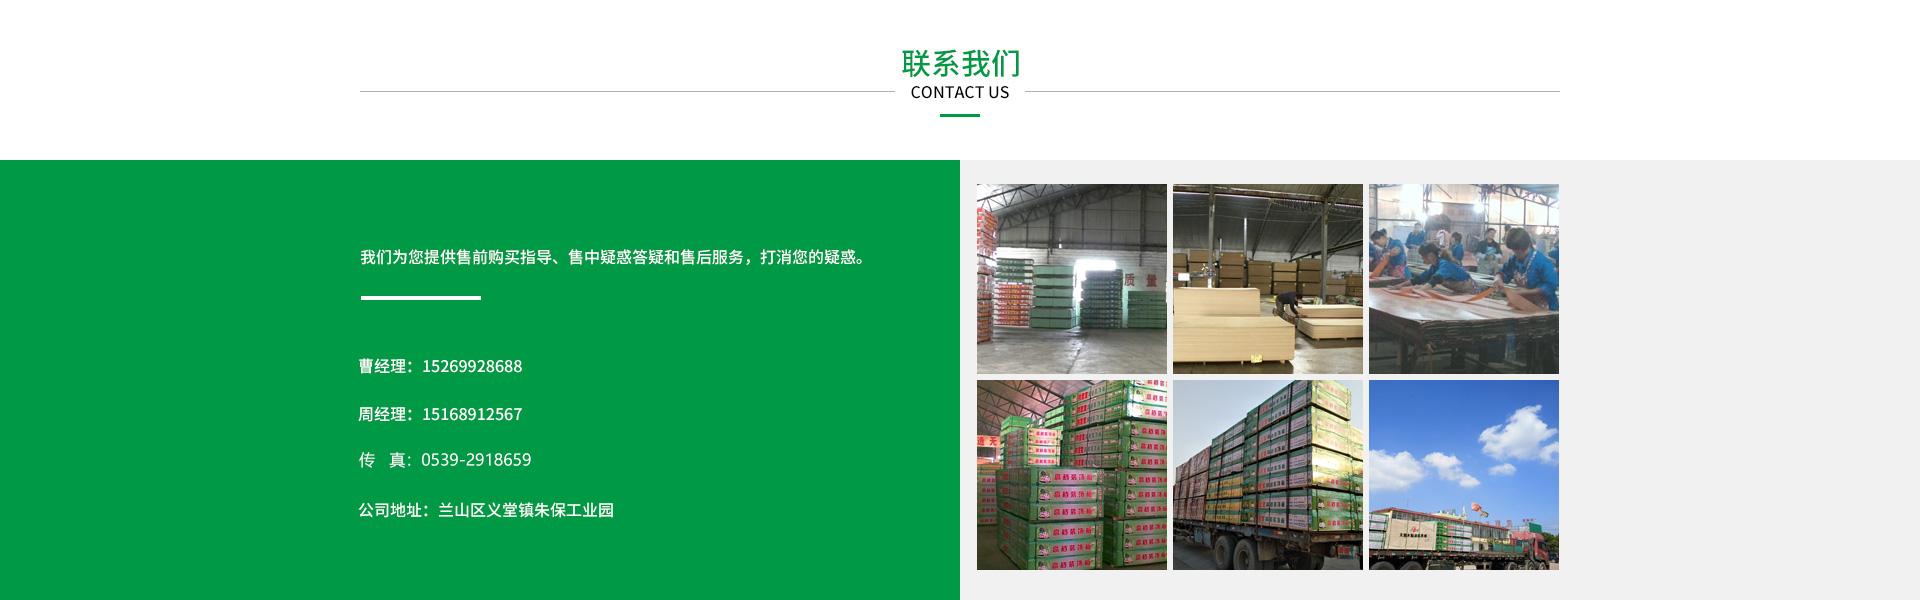 临沂市福业木业有限公司是山东省内知名的家具板和木饰面板厂家,想要详细了解有关于家具板和木饰面板方面的信息,欢迎前来咨询.